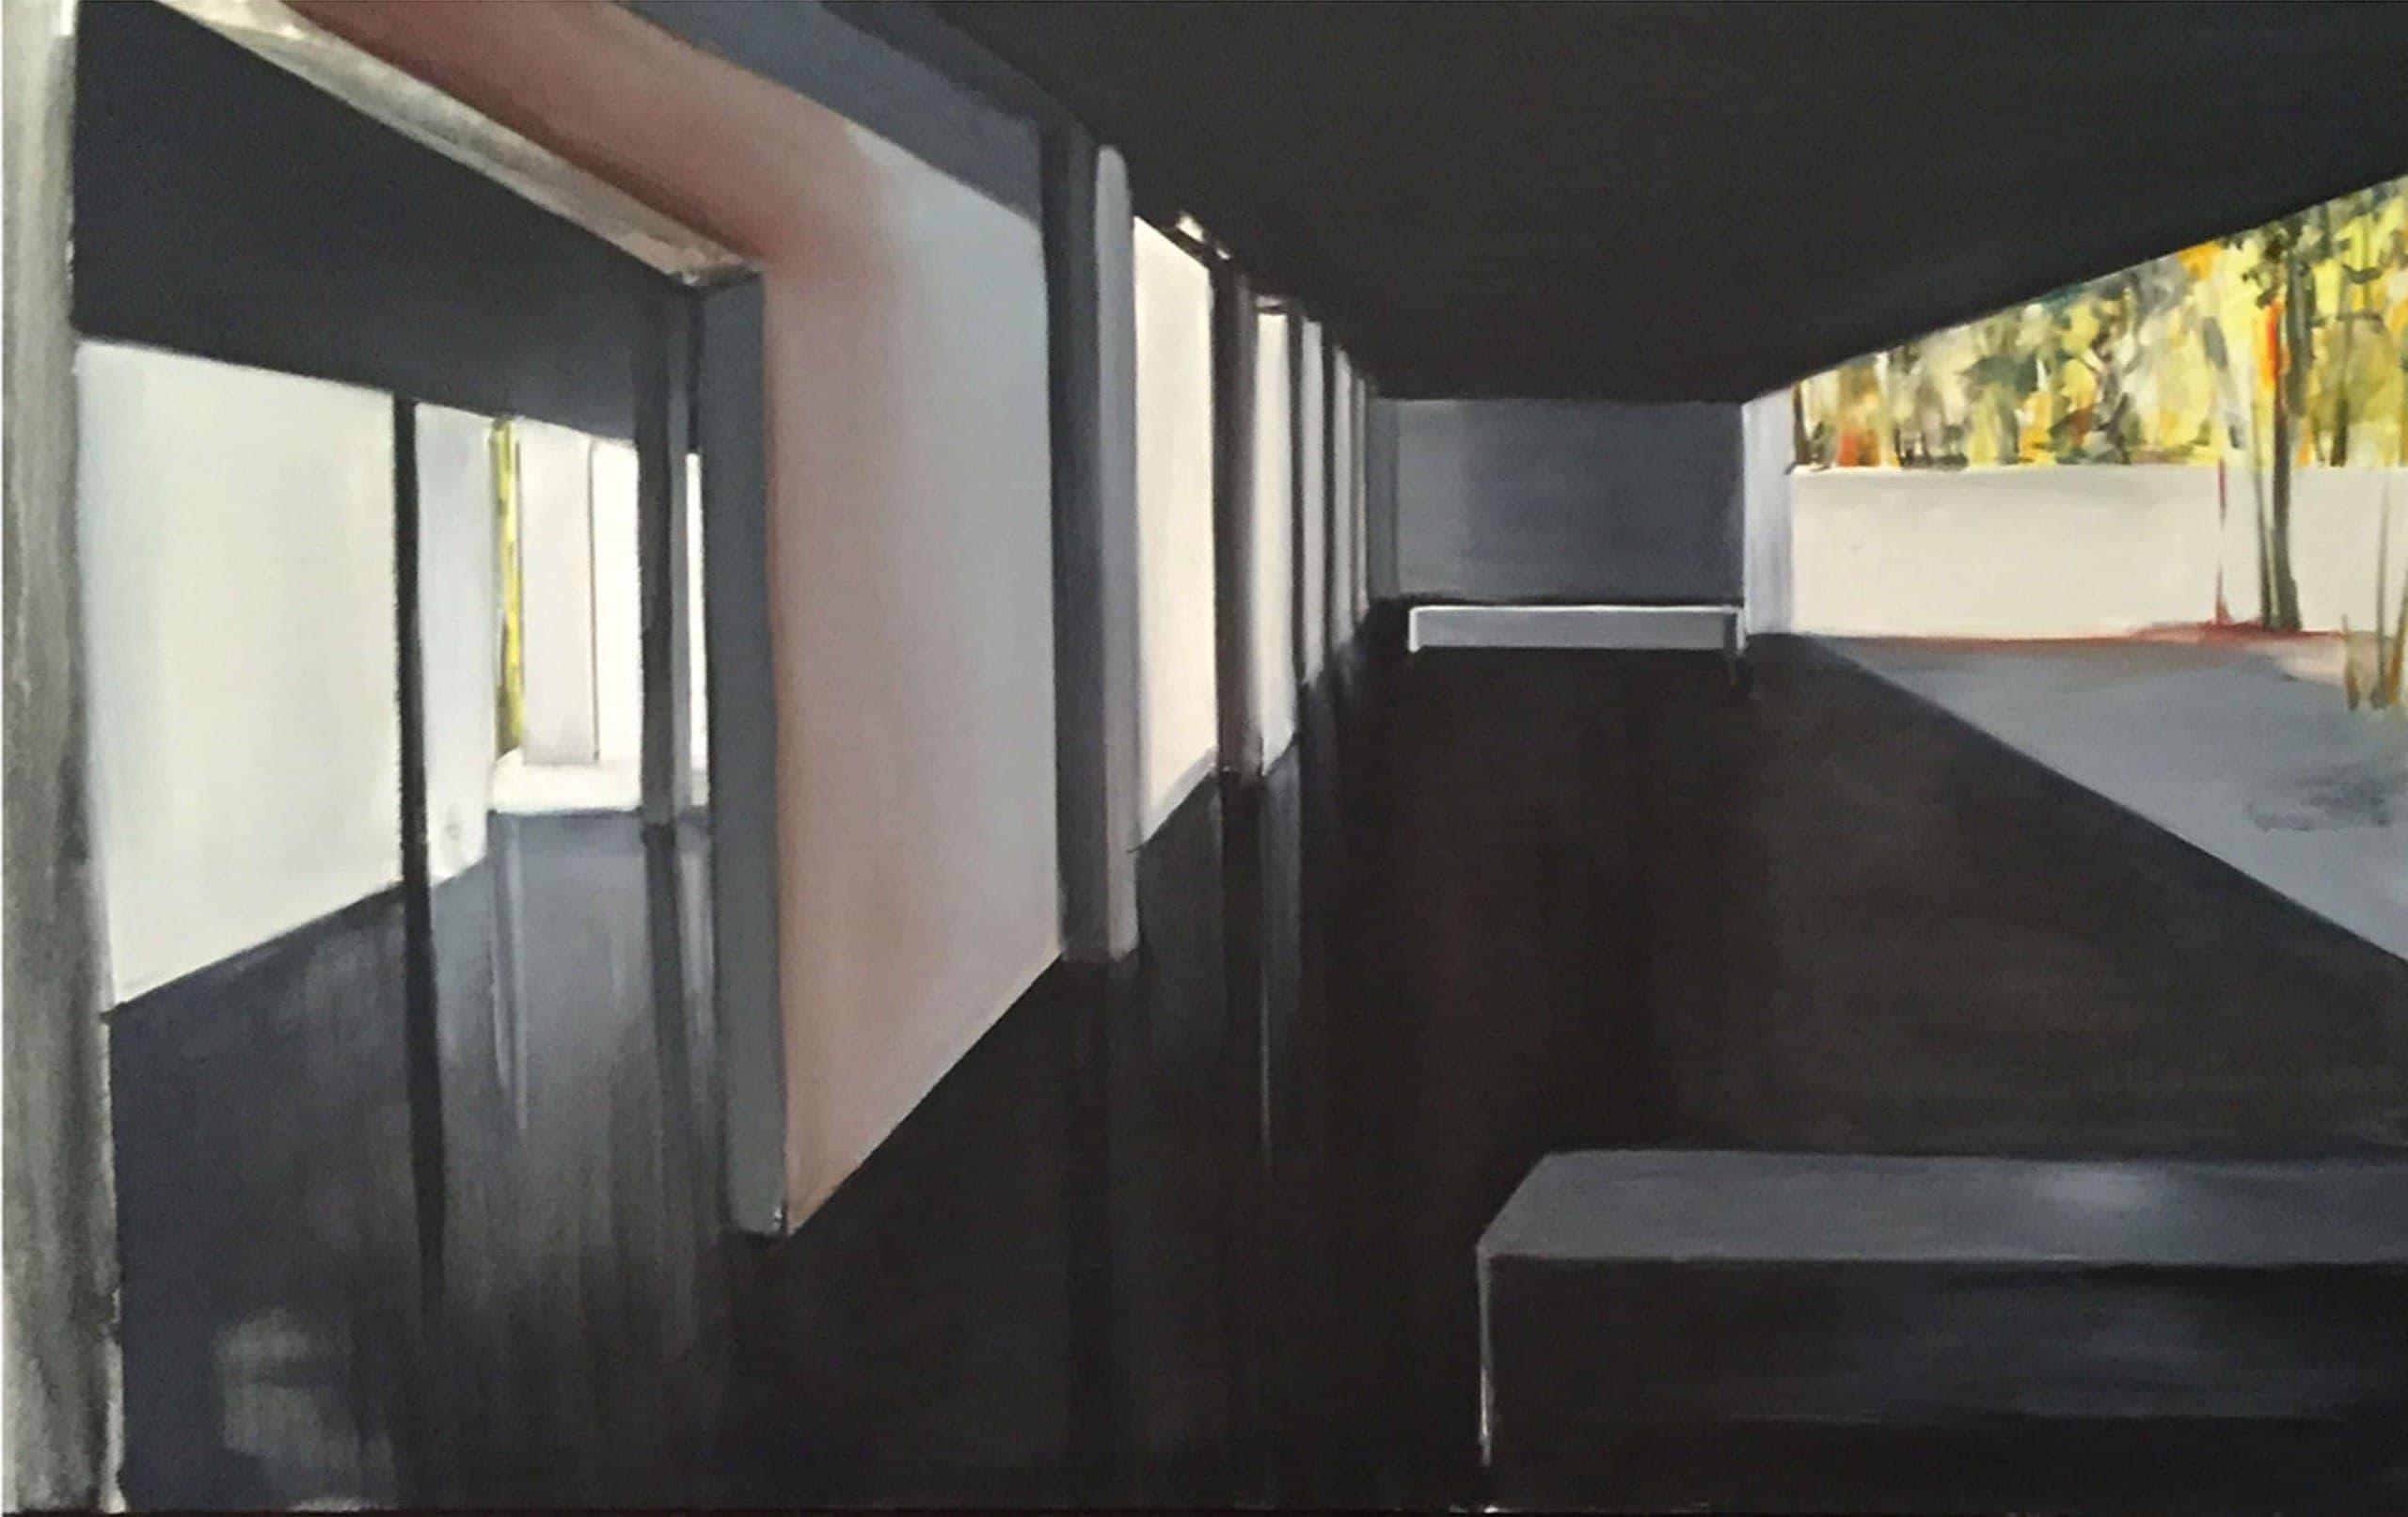 Pavillion 2016 oil on canvas 38×72